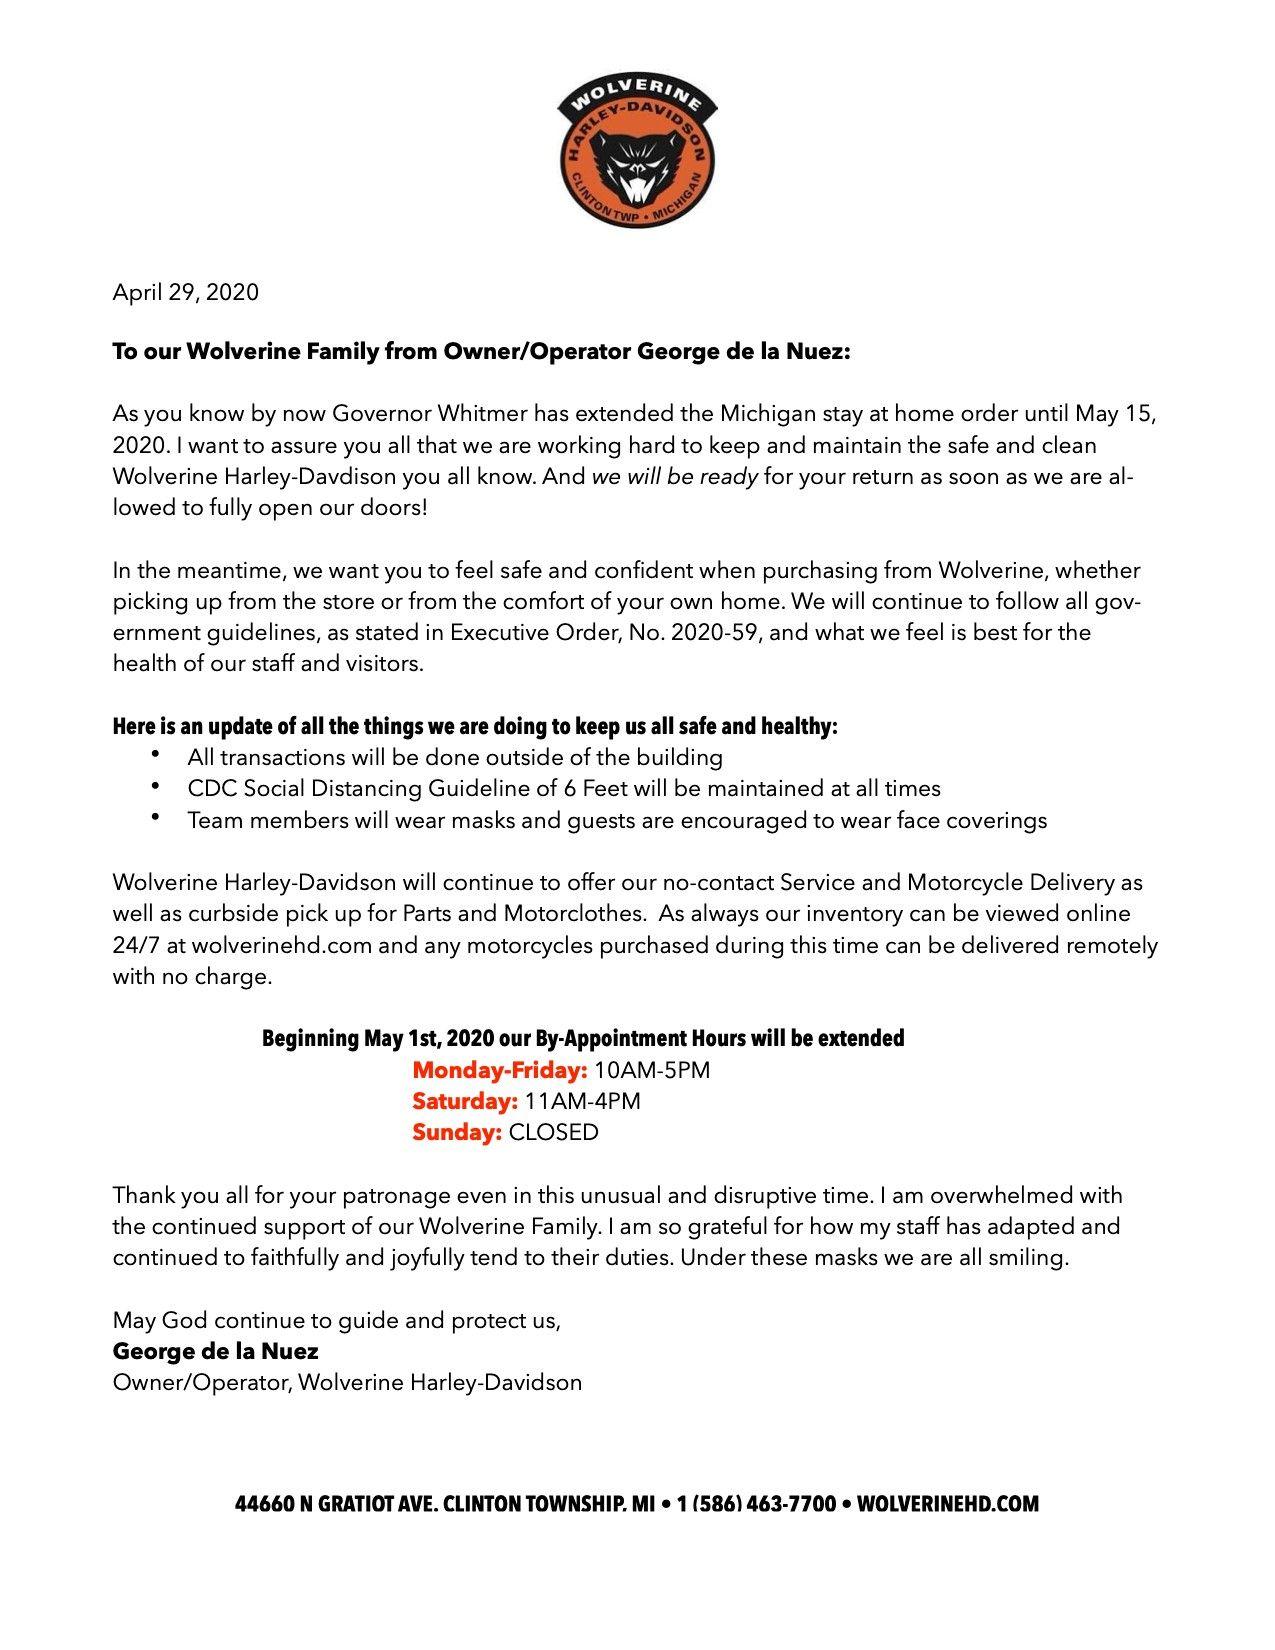 April 29 COVID Update